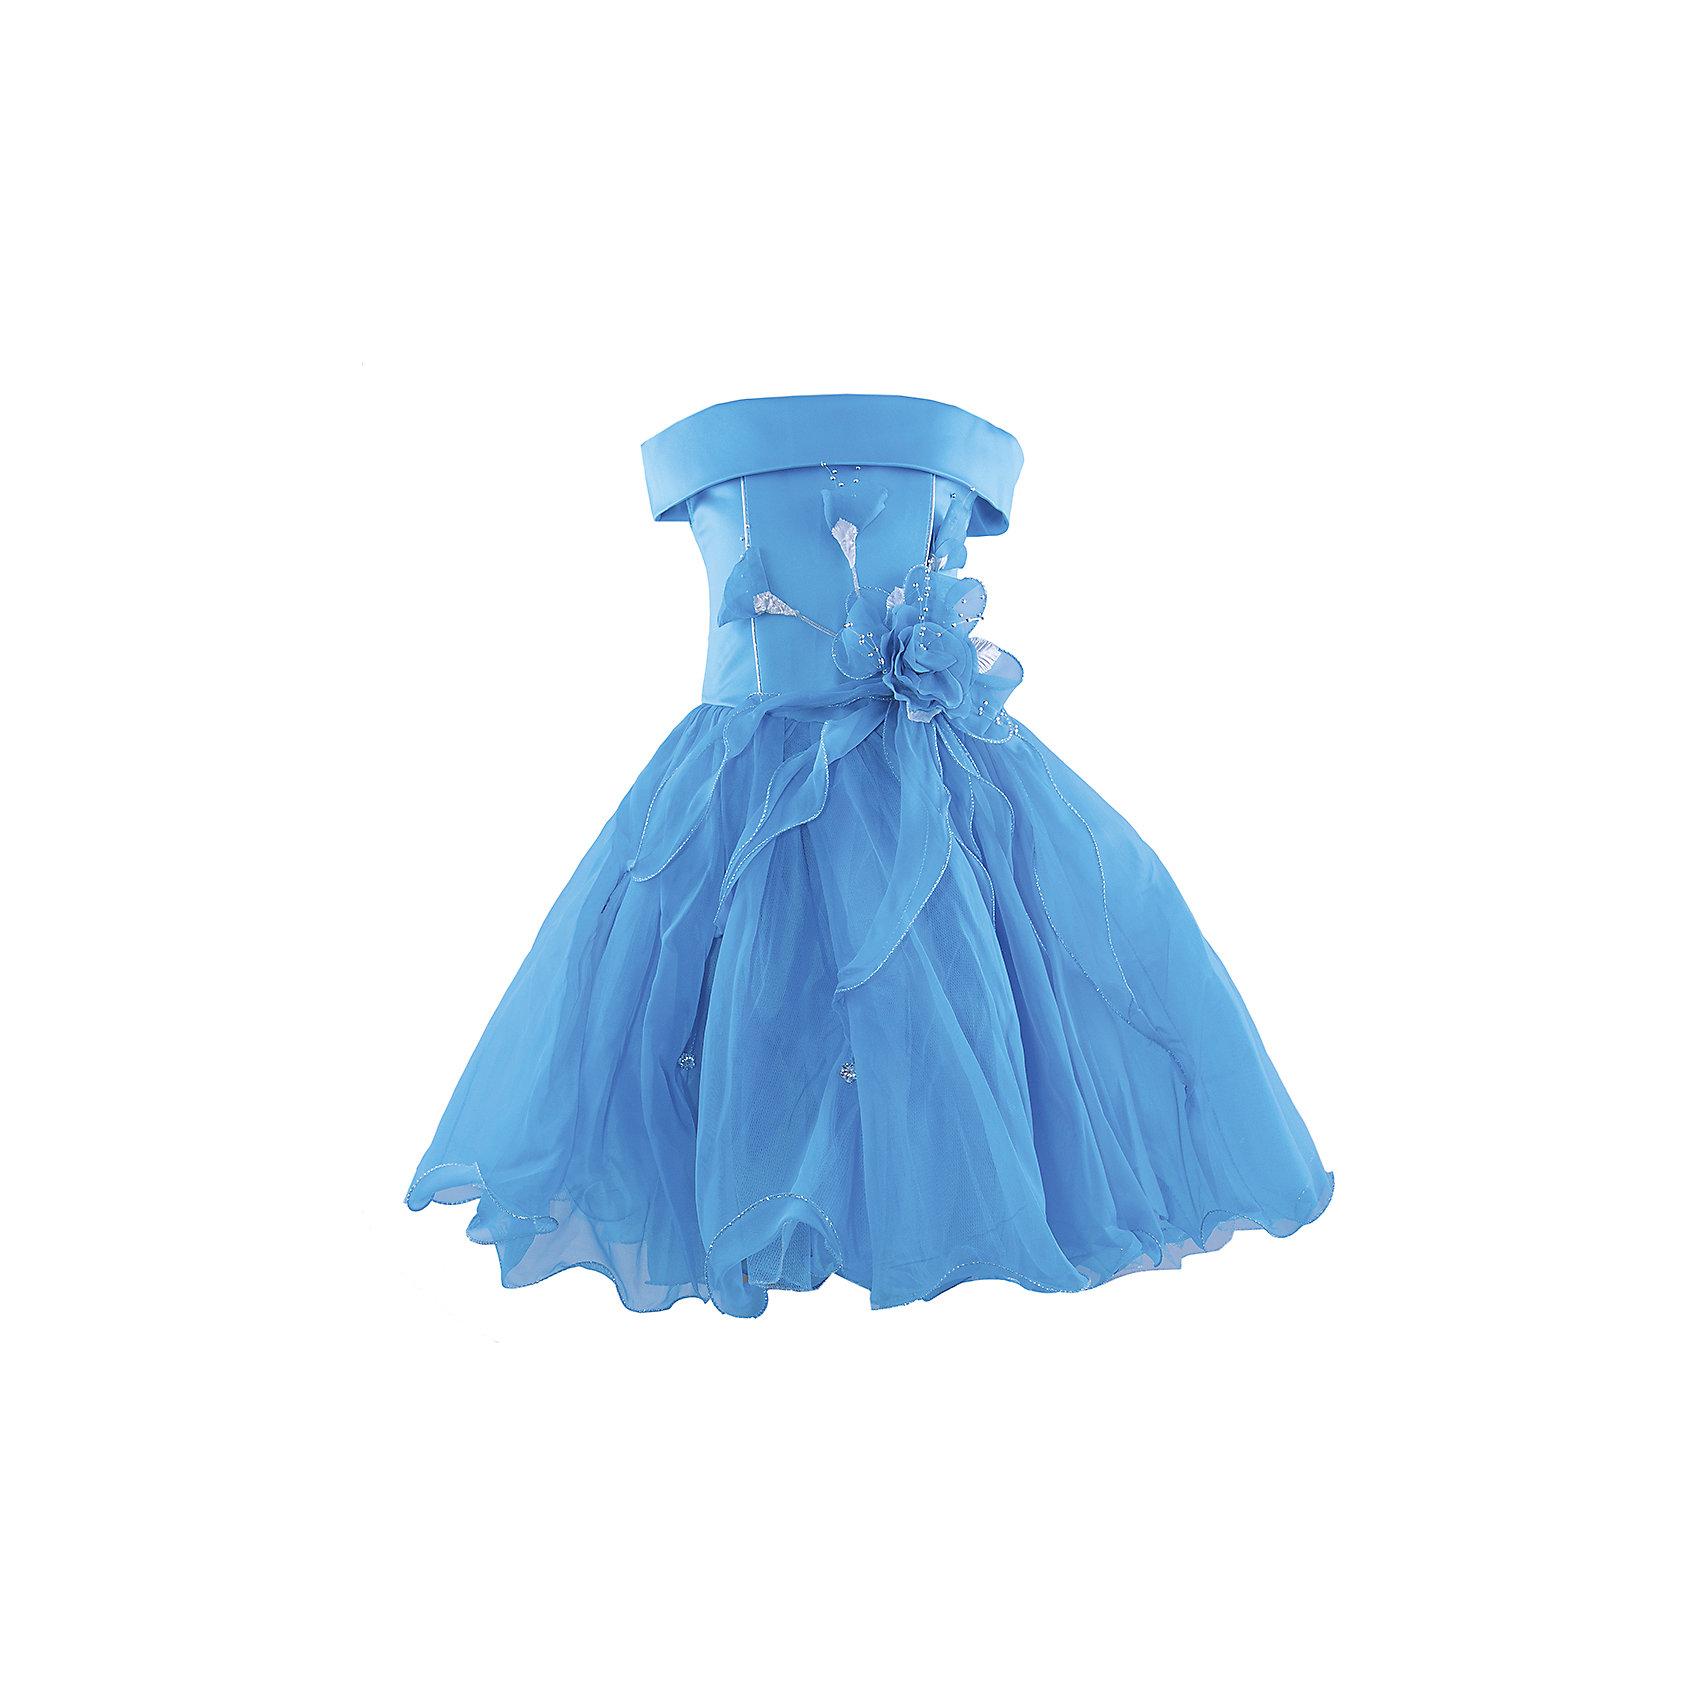 Нарядное платье ШармельНарядное платье для девочки от российской марки Шармель<br><br>Длинное пышное платье как у принцессы - мечта каждой девочки. Данное платье смотрится очень празднично и воздушно. На любом празднике ребенок в нем будет выглядеть нарядно, эффектно и торжественно.<br><br>Особенности модели:<br><br>- состав: 100% полиэстер; подкл.: 100% хлопок<br>- материал - с блеском;<br>- цвет - бирюзовый;<br>- подол - многослойный, пышный, с полужестким каркасом из сетки;<br>- без рукавов;<br>- можно утянуть лиф шнуровкой;<br>- сзади застежка-молния;<br>- резинка на прорезях для рукавов;<br>- лиф жесткий, украшен цветами из органзы с серебристой фурнитурой.<br><br>Дополнительная информация:<br><br>Габариты:<br><br>длина по спинке - 71 см.<br><br>* соответствует размеру 104/116<br><br>Нарядное платье для девочки от российской марки Шармель можно купить в нашем магазине.<br><br>Ширина мм: 236<br>Глубина мм: 16<br>Высота мм: 184<br>Вес г: 177<br>Цвет: голубой<br>Возраст от месяцев: 24<br>Возраст до месяцев: 36<br>Пол: Женский<br>Возраст: Детский<br>Размер: 92/98,104/116<br>SKU: 4243358